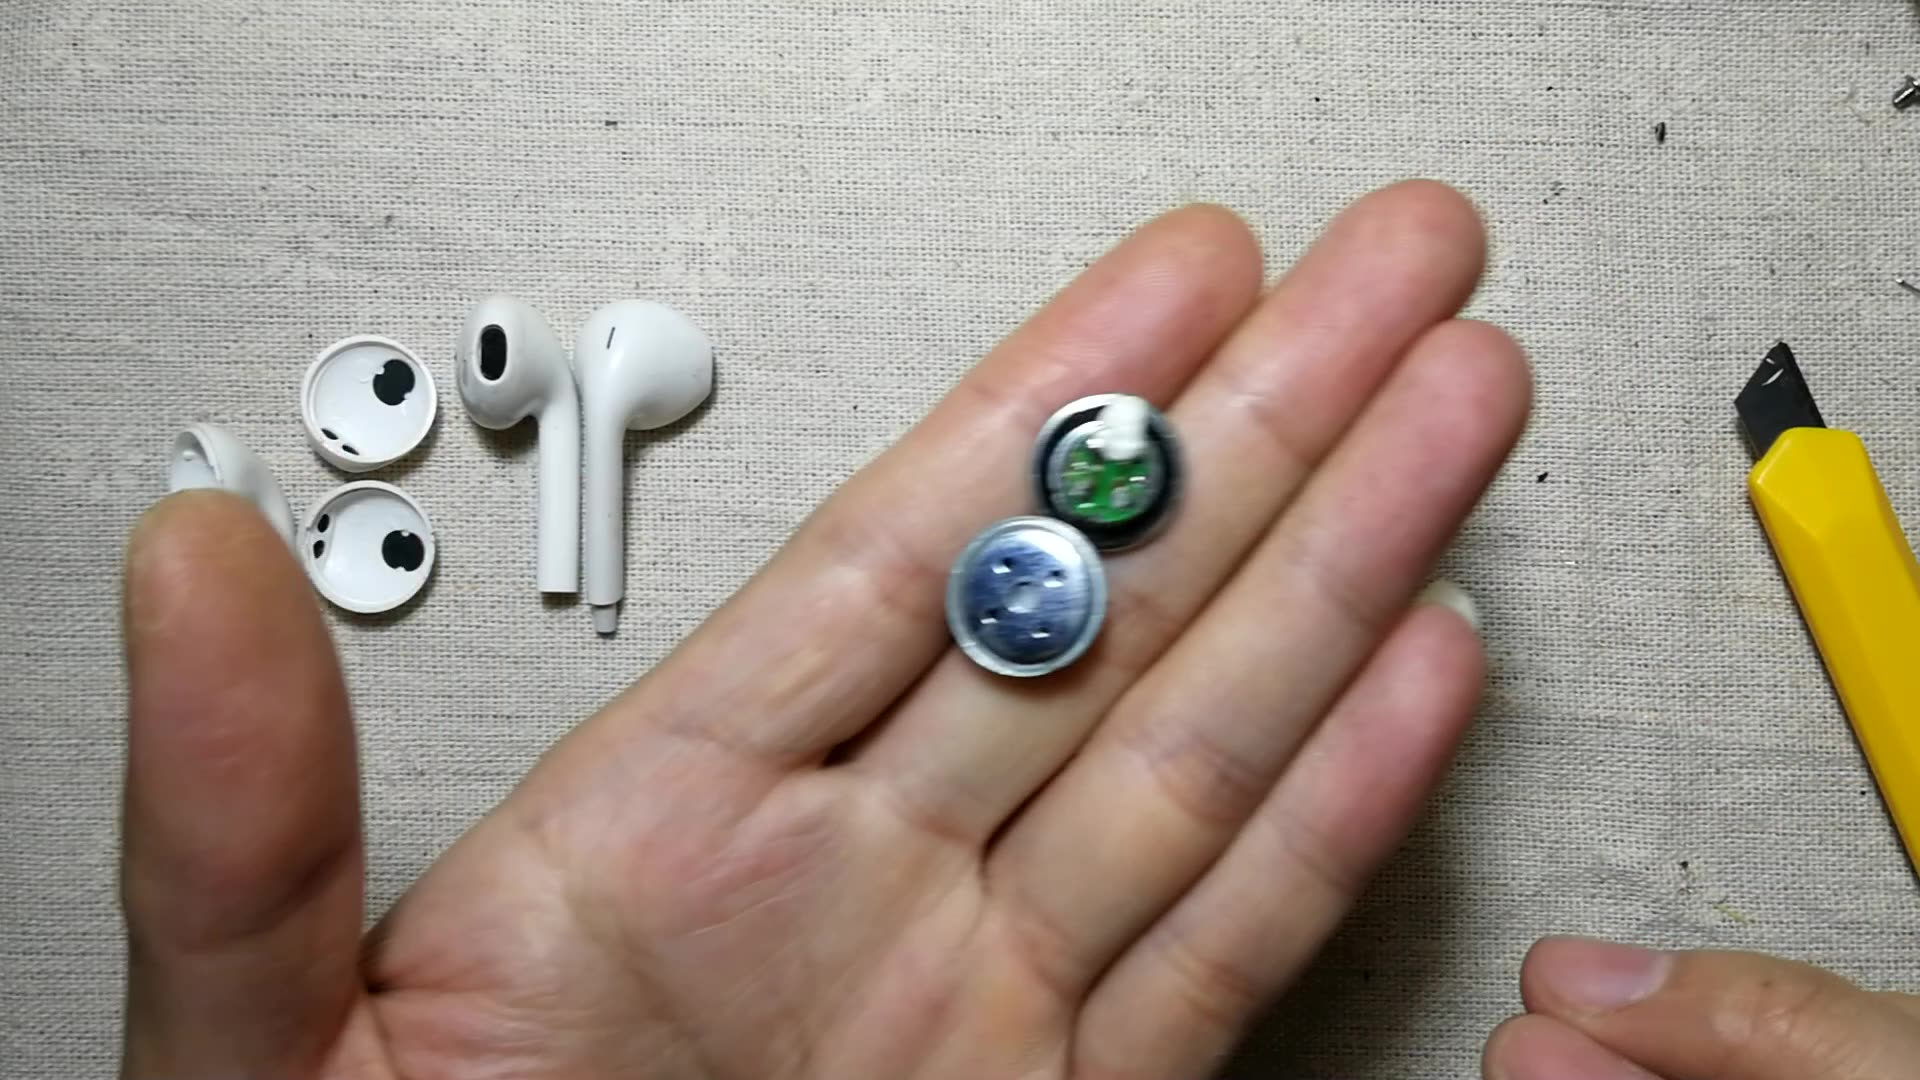 苹果5能换壳吗_各种版本苹果耳机拆解,看完你还敢乱买吗_哔哩哔哩 (゜-゜)つロ ...